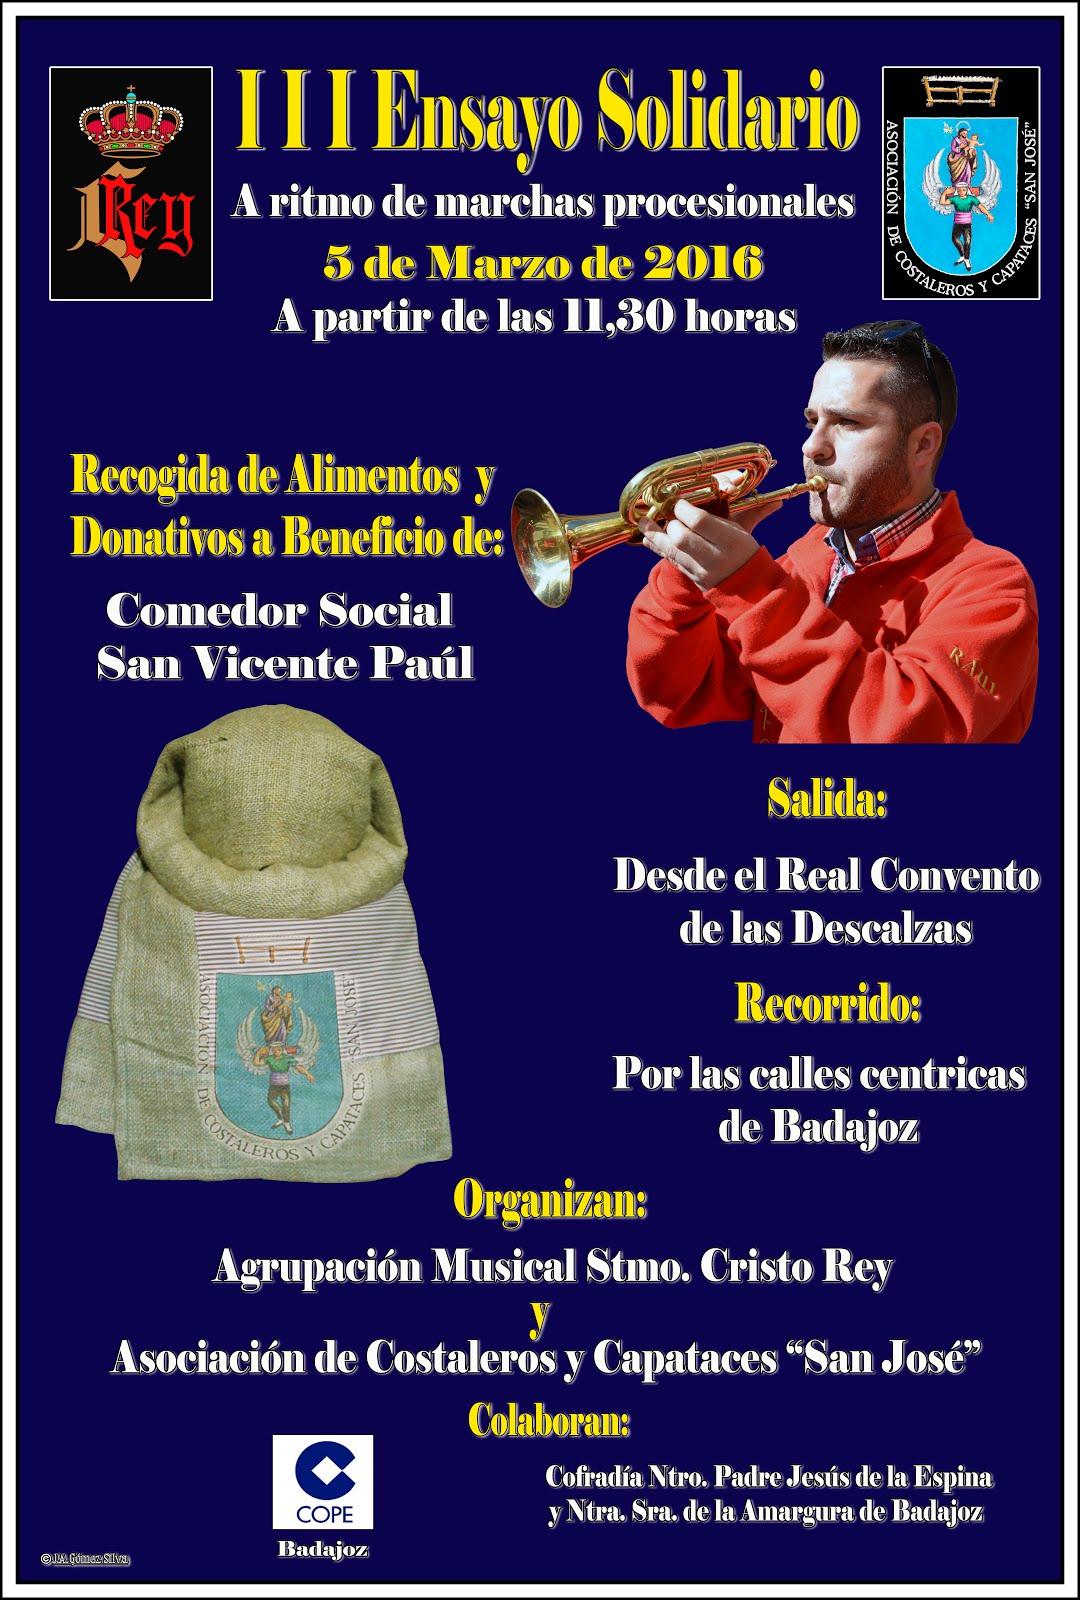 Cartel III Ensayo Solidario